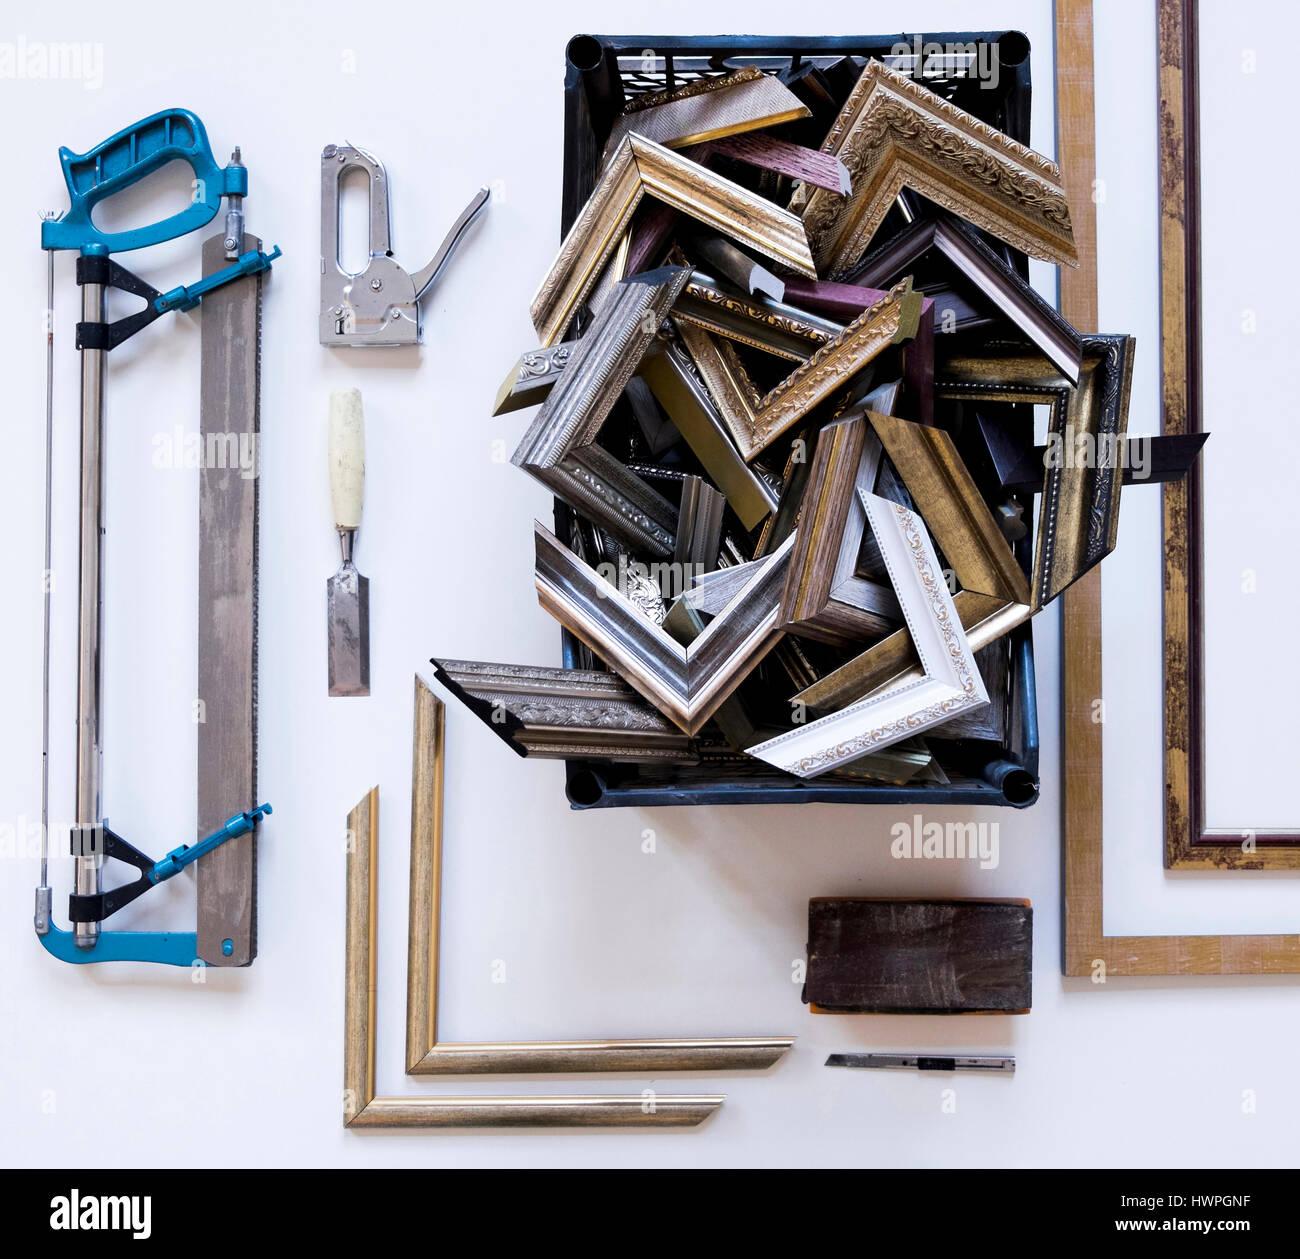 Vista aérea de los marcos de imagen y rincones con herramientas de trabajo sobre la mesa en el taller Foto de stock